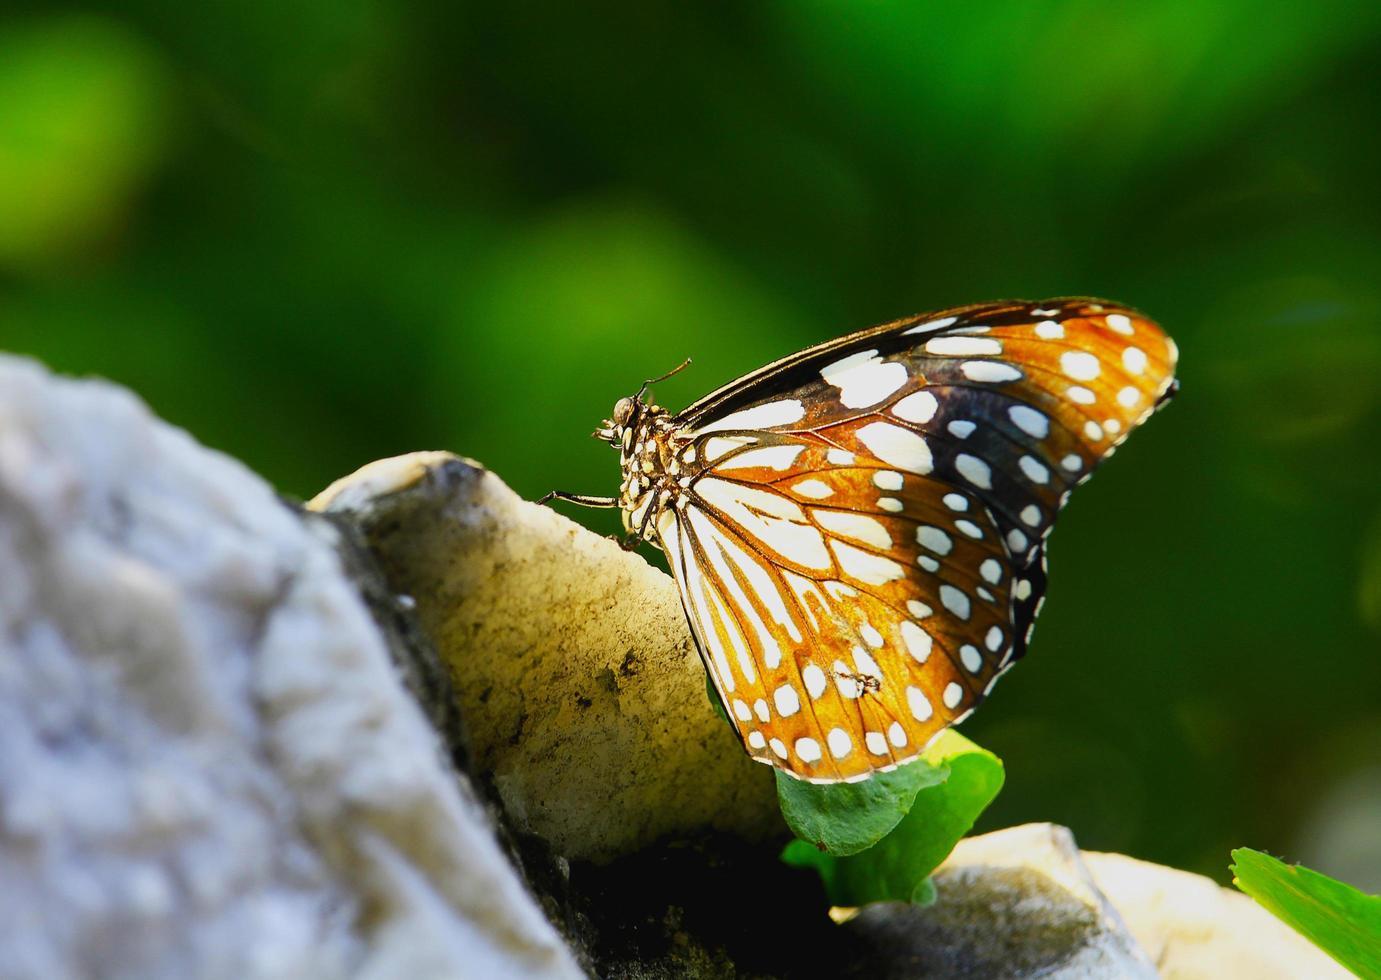 prachtige vlinder in de tuin foto